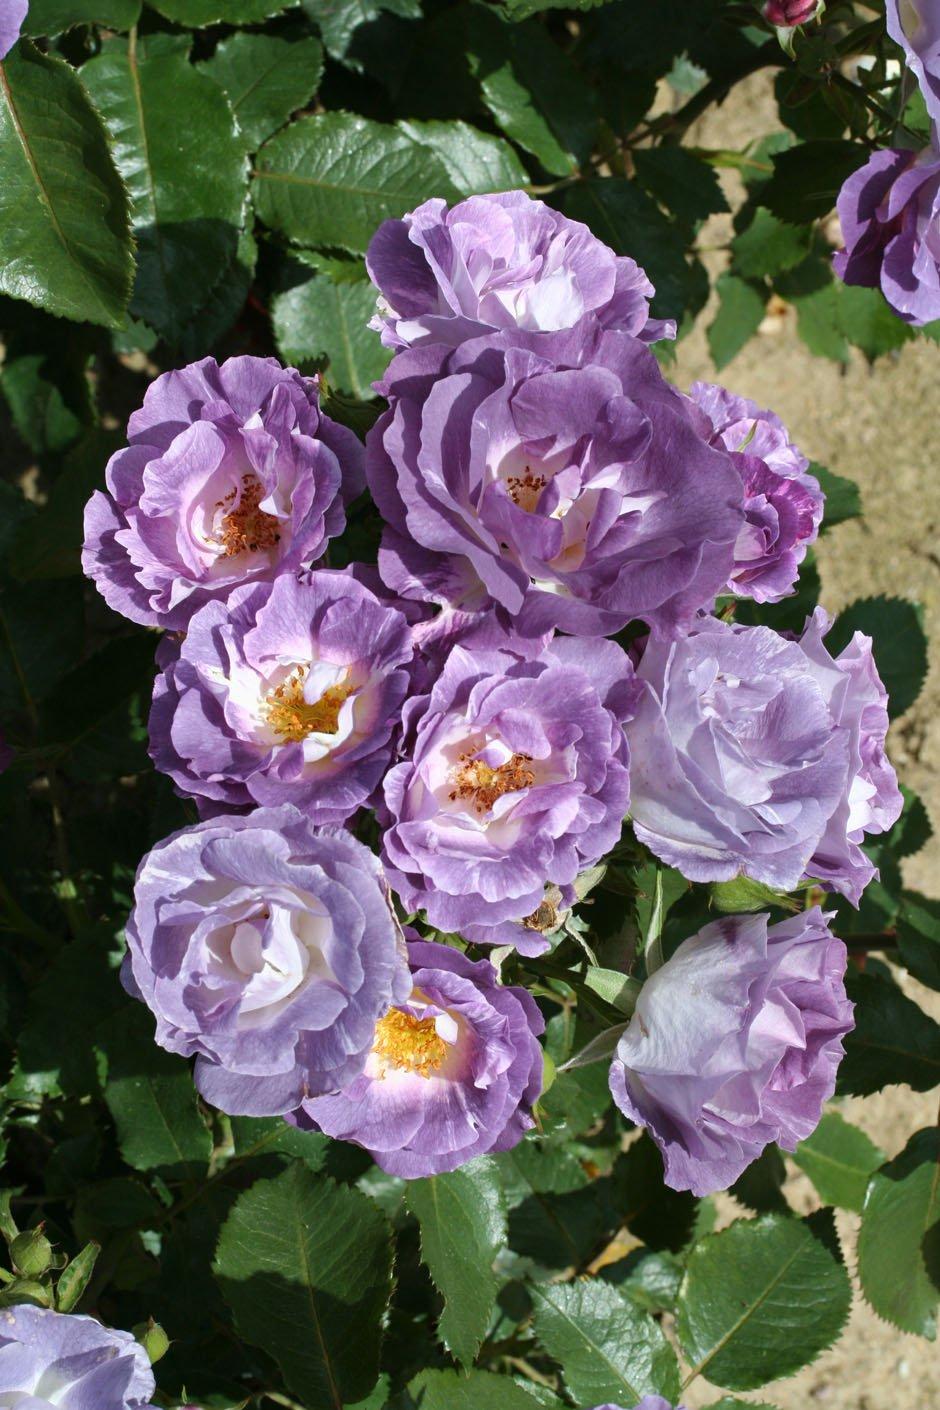 BLUE FOR YOU - 4lt Potted Floribunda Garden Rose Bush - Highly Fragrant Lilac/Blue